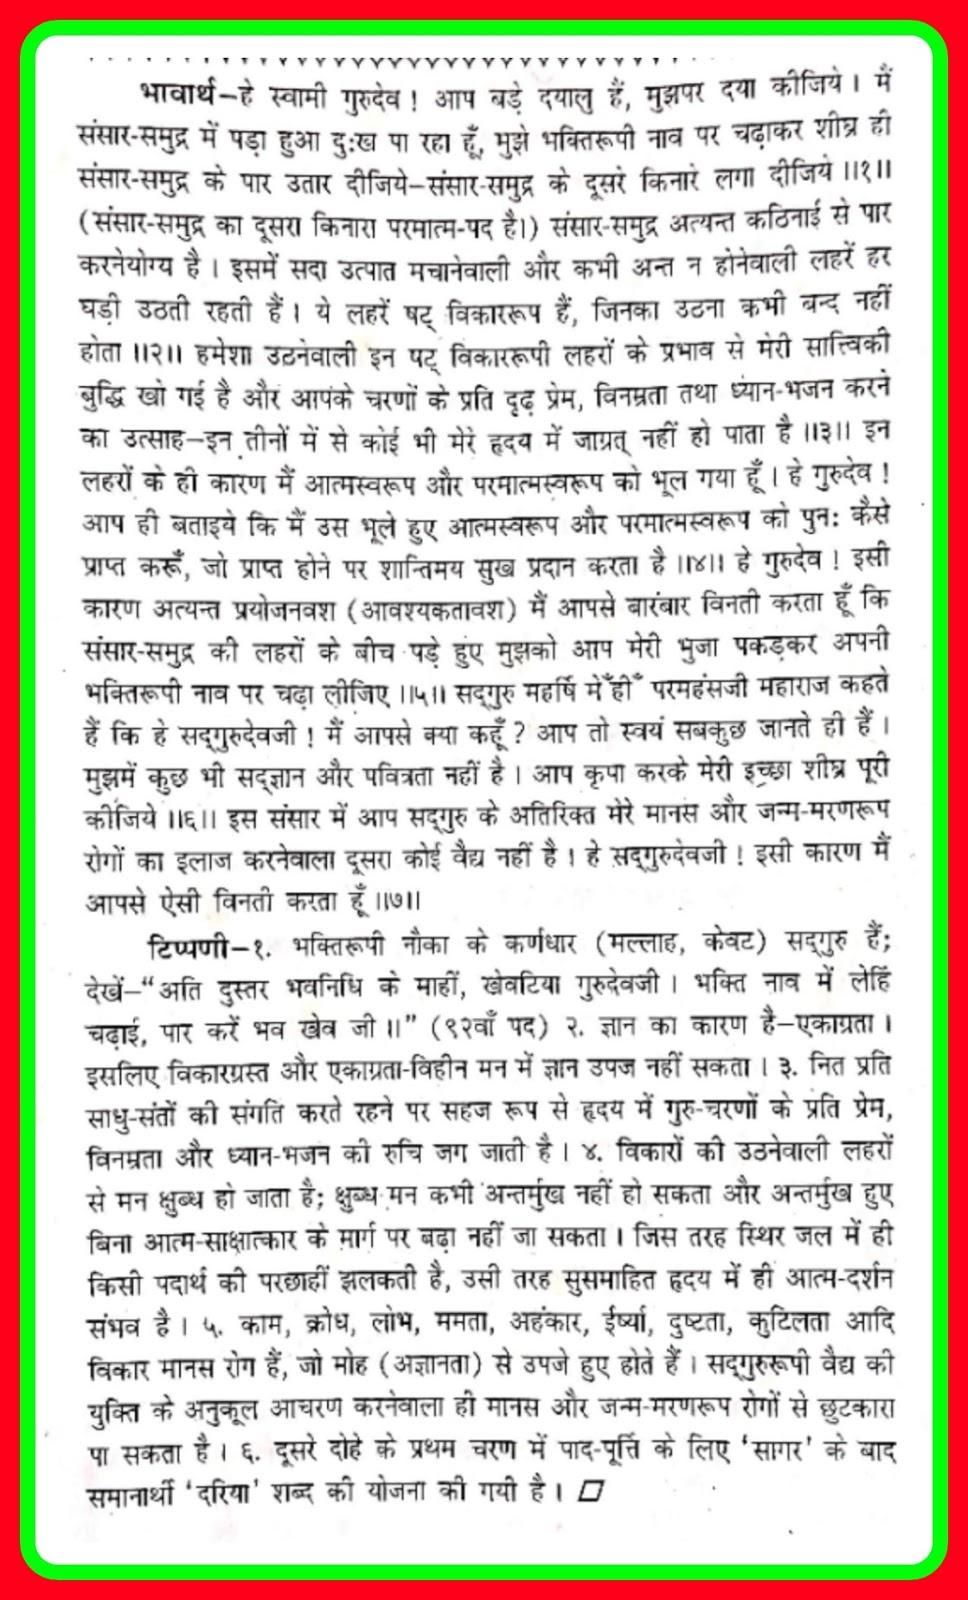 """P11, The request of Satguru Maharaj, """"तुम साहब रहमान हो,...'' महर्षि मेंहीं पदावली भजन अर्थ सहित। पदावली पद 11 का भावार्थ टिप्पणी"""